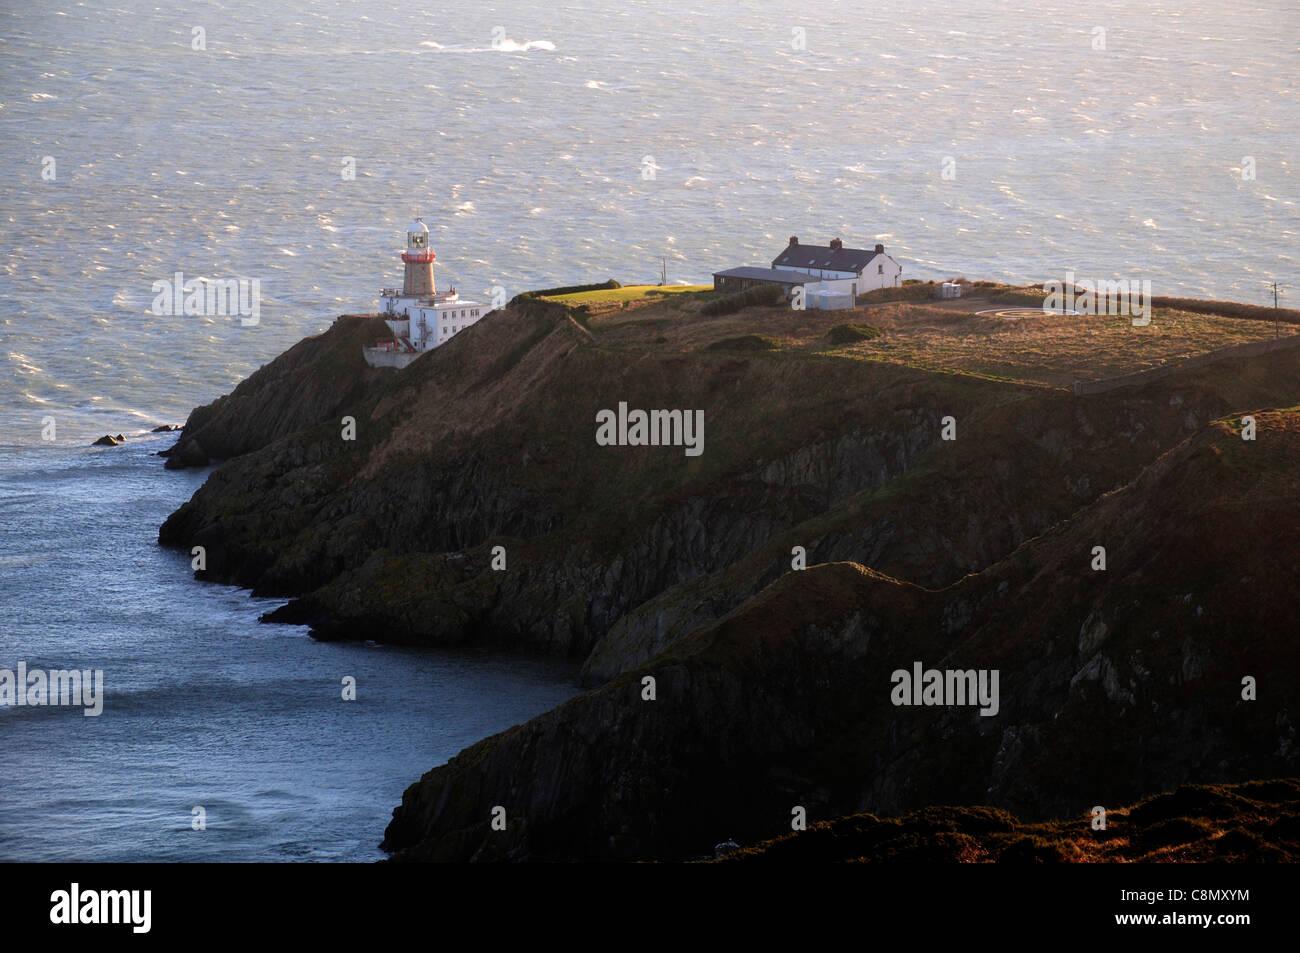 The Bailey Irish Lighthouse on howth head co Dublin overlooking Dublin Bay - Stock Image